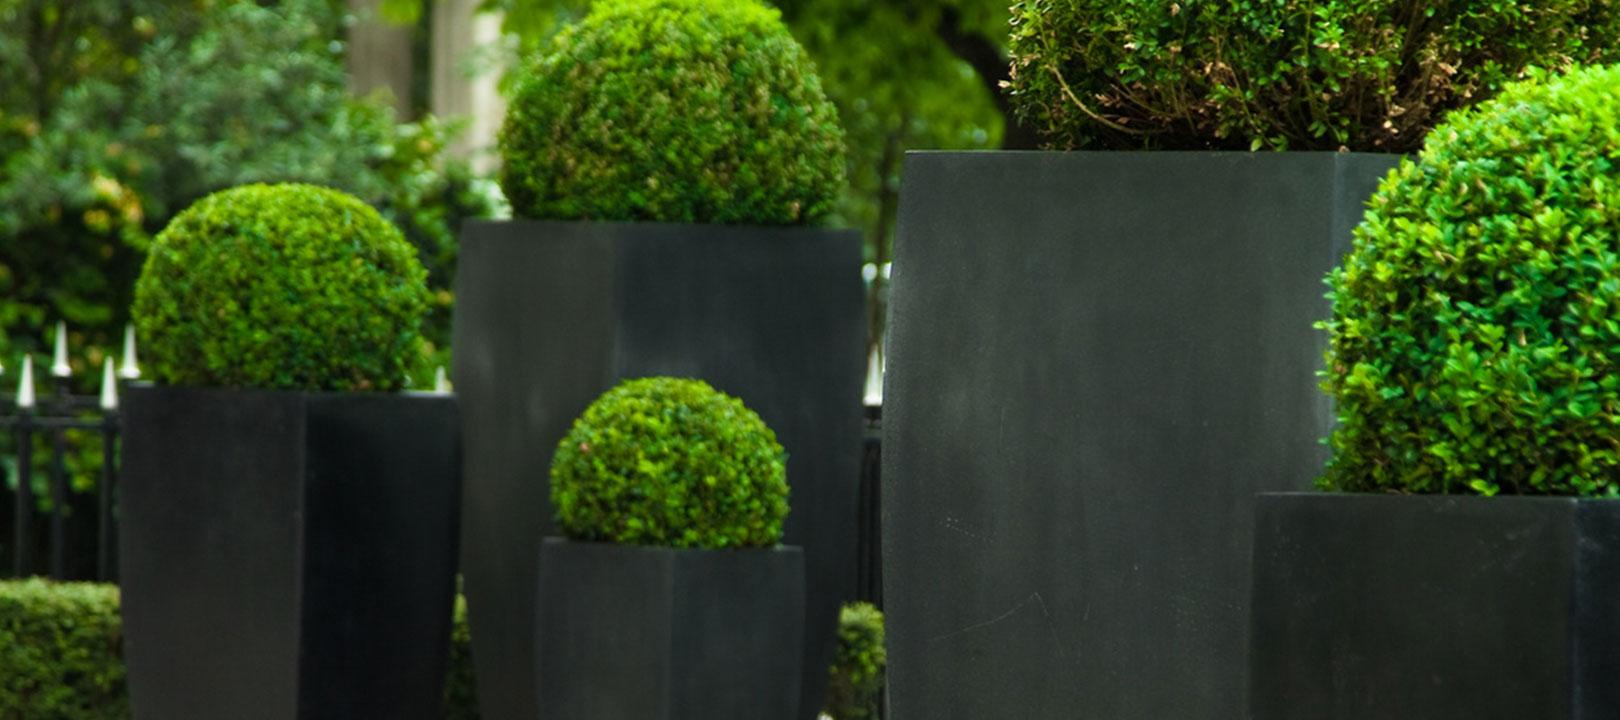 garten und landschaftsbau darmstadt, schnellbacher garten- und landschaftsbau aus bickenbach bei darmstadt, Design ideen